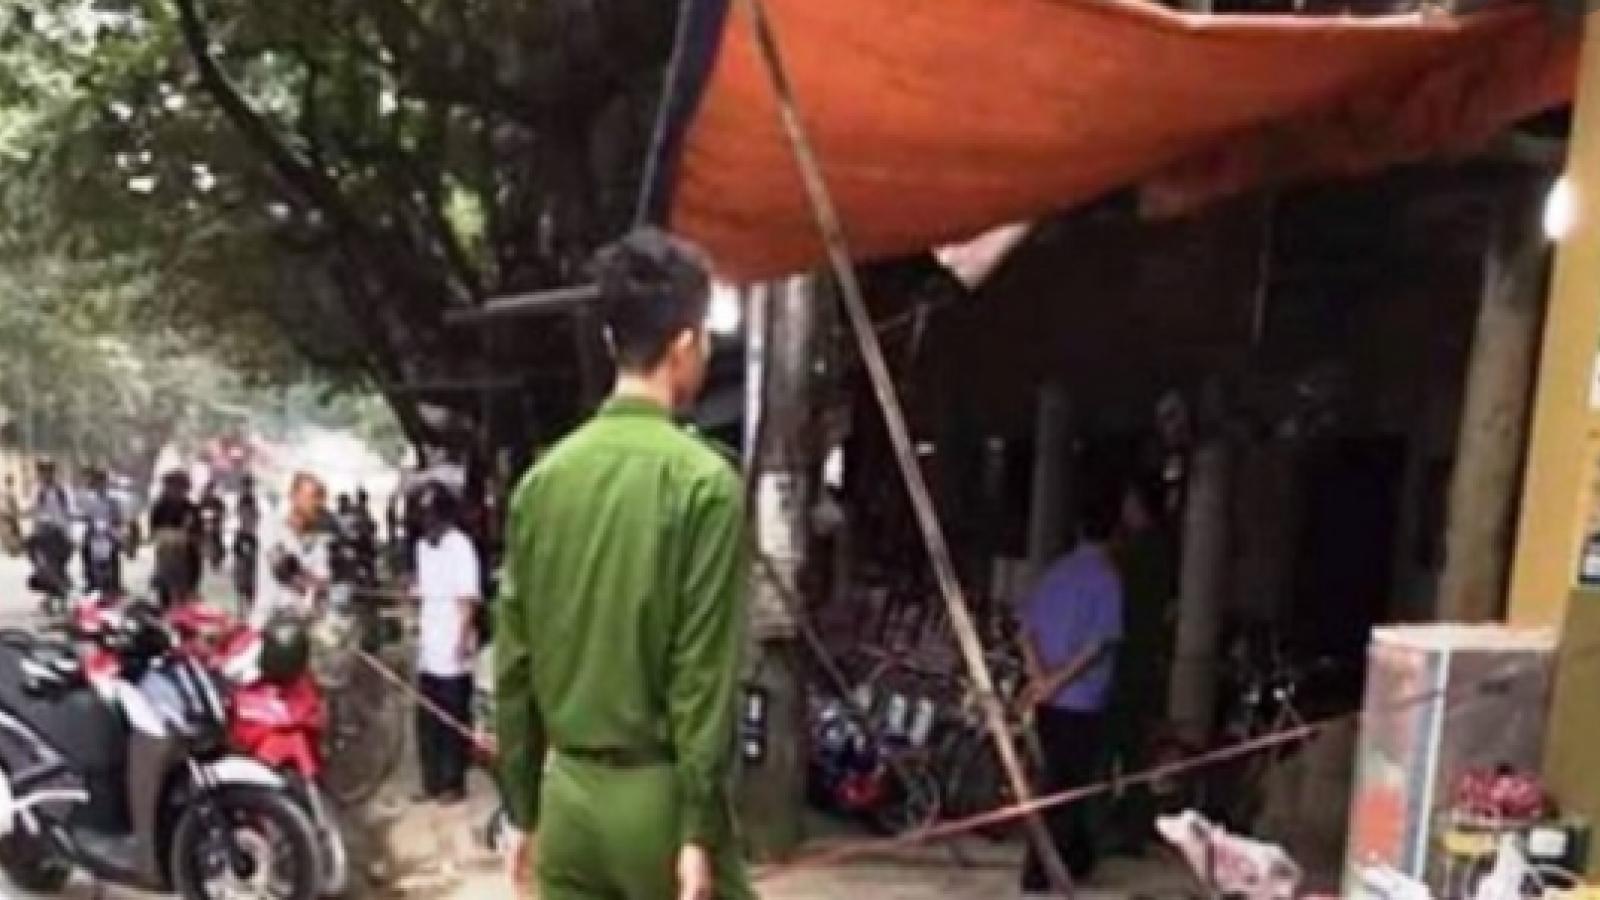 Yên Bái: Nam thanh niên chém trọng thương 3 người trong gia đình